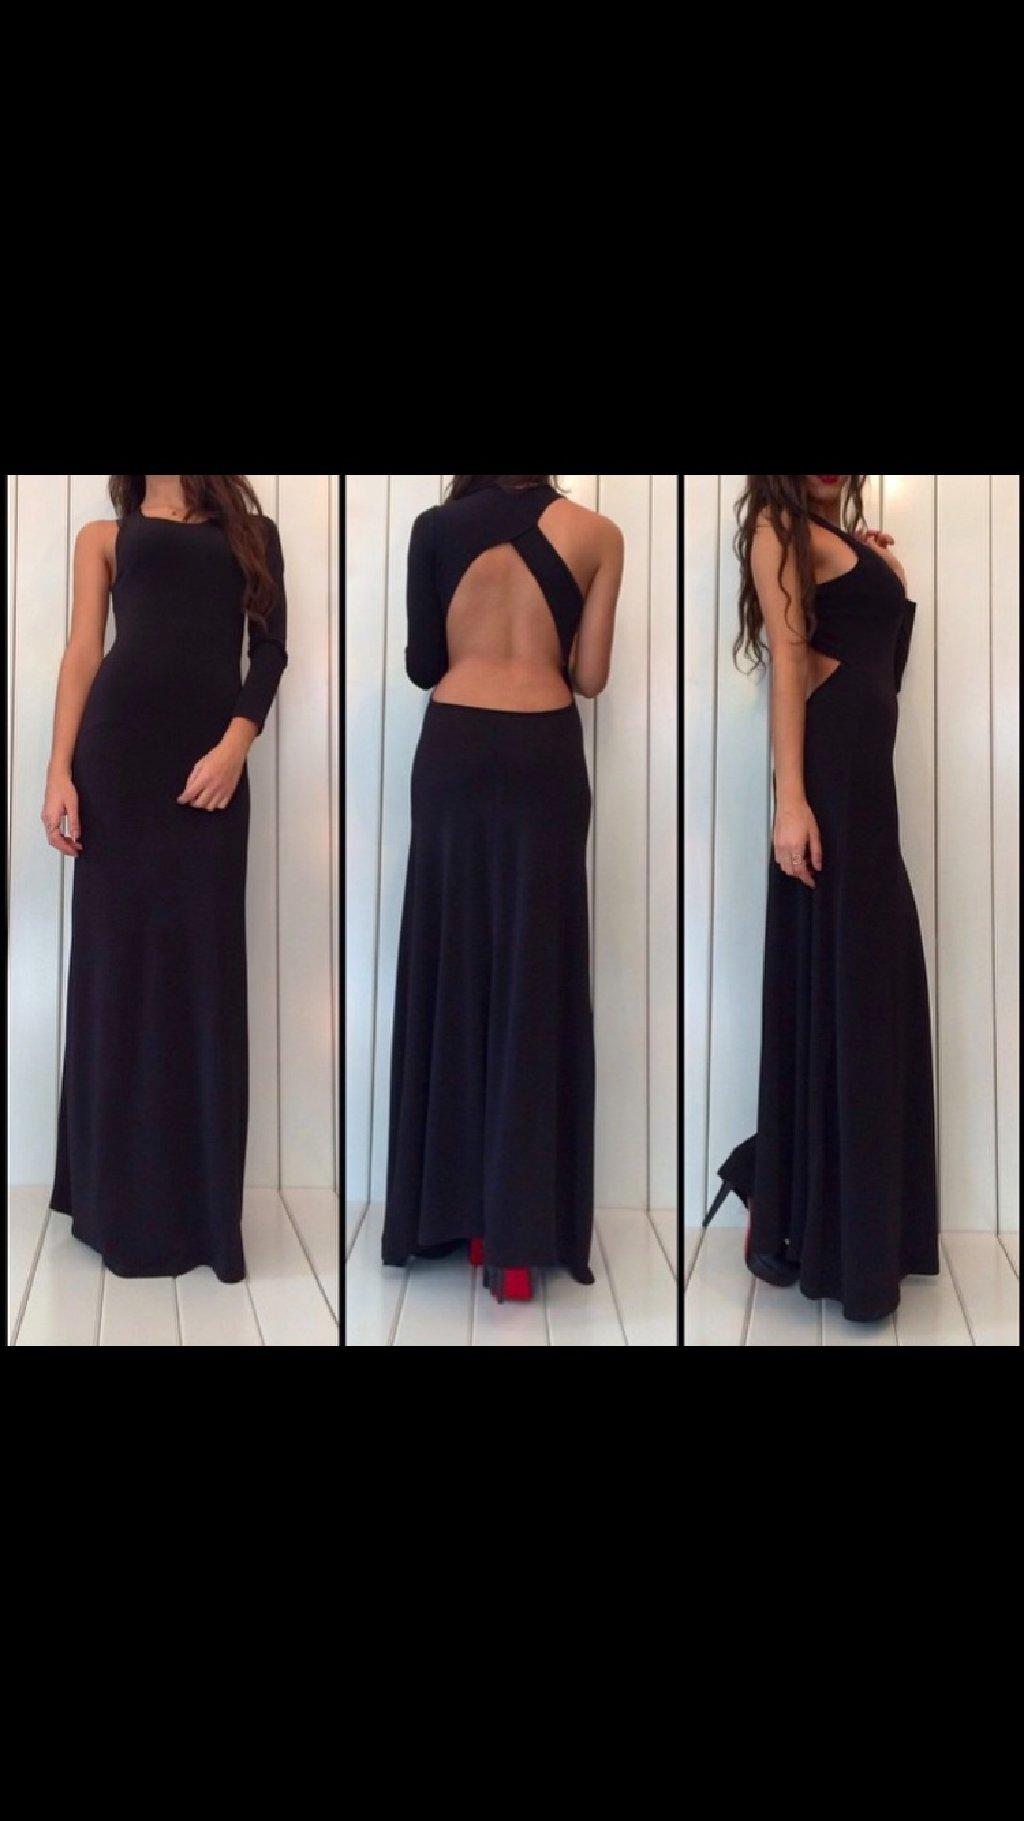 Μαξι μαύρο σεξι φόρεμα με ανοιχτή πλάτη και άψογη εφαρμογή small/medium